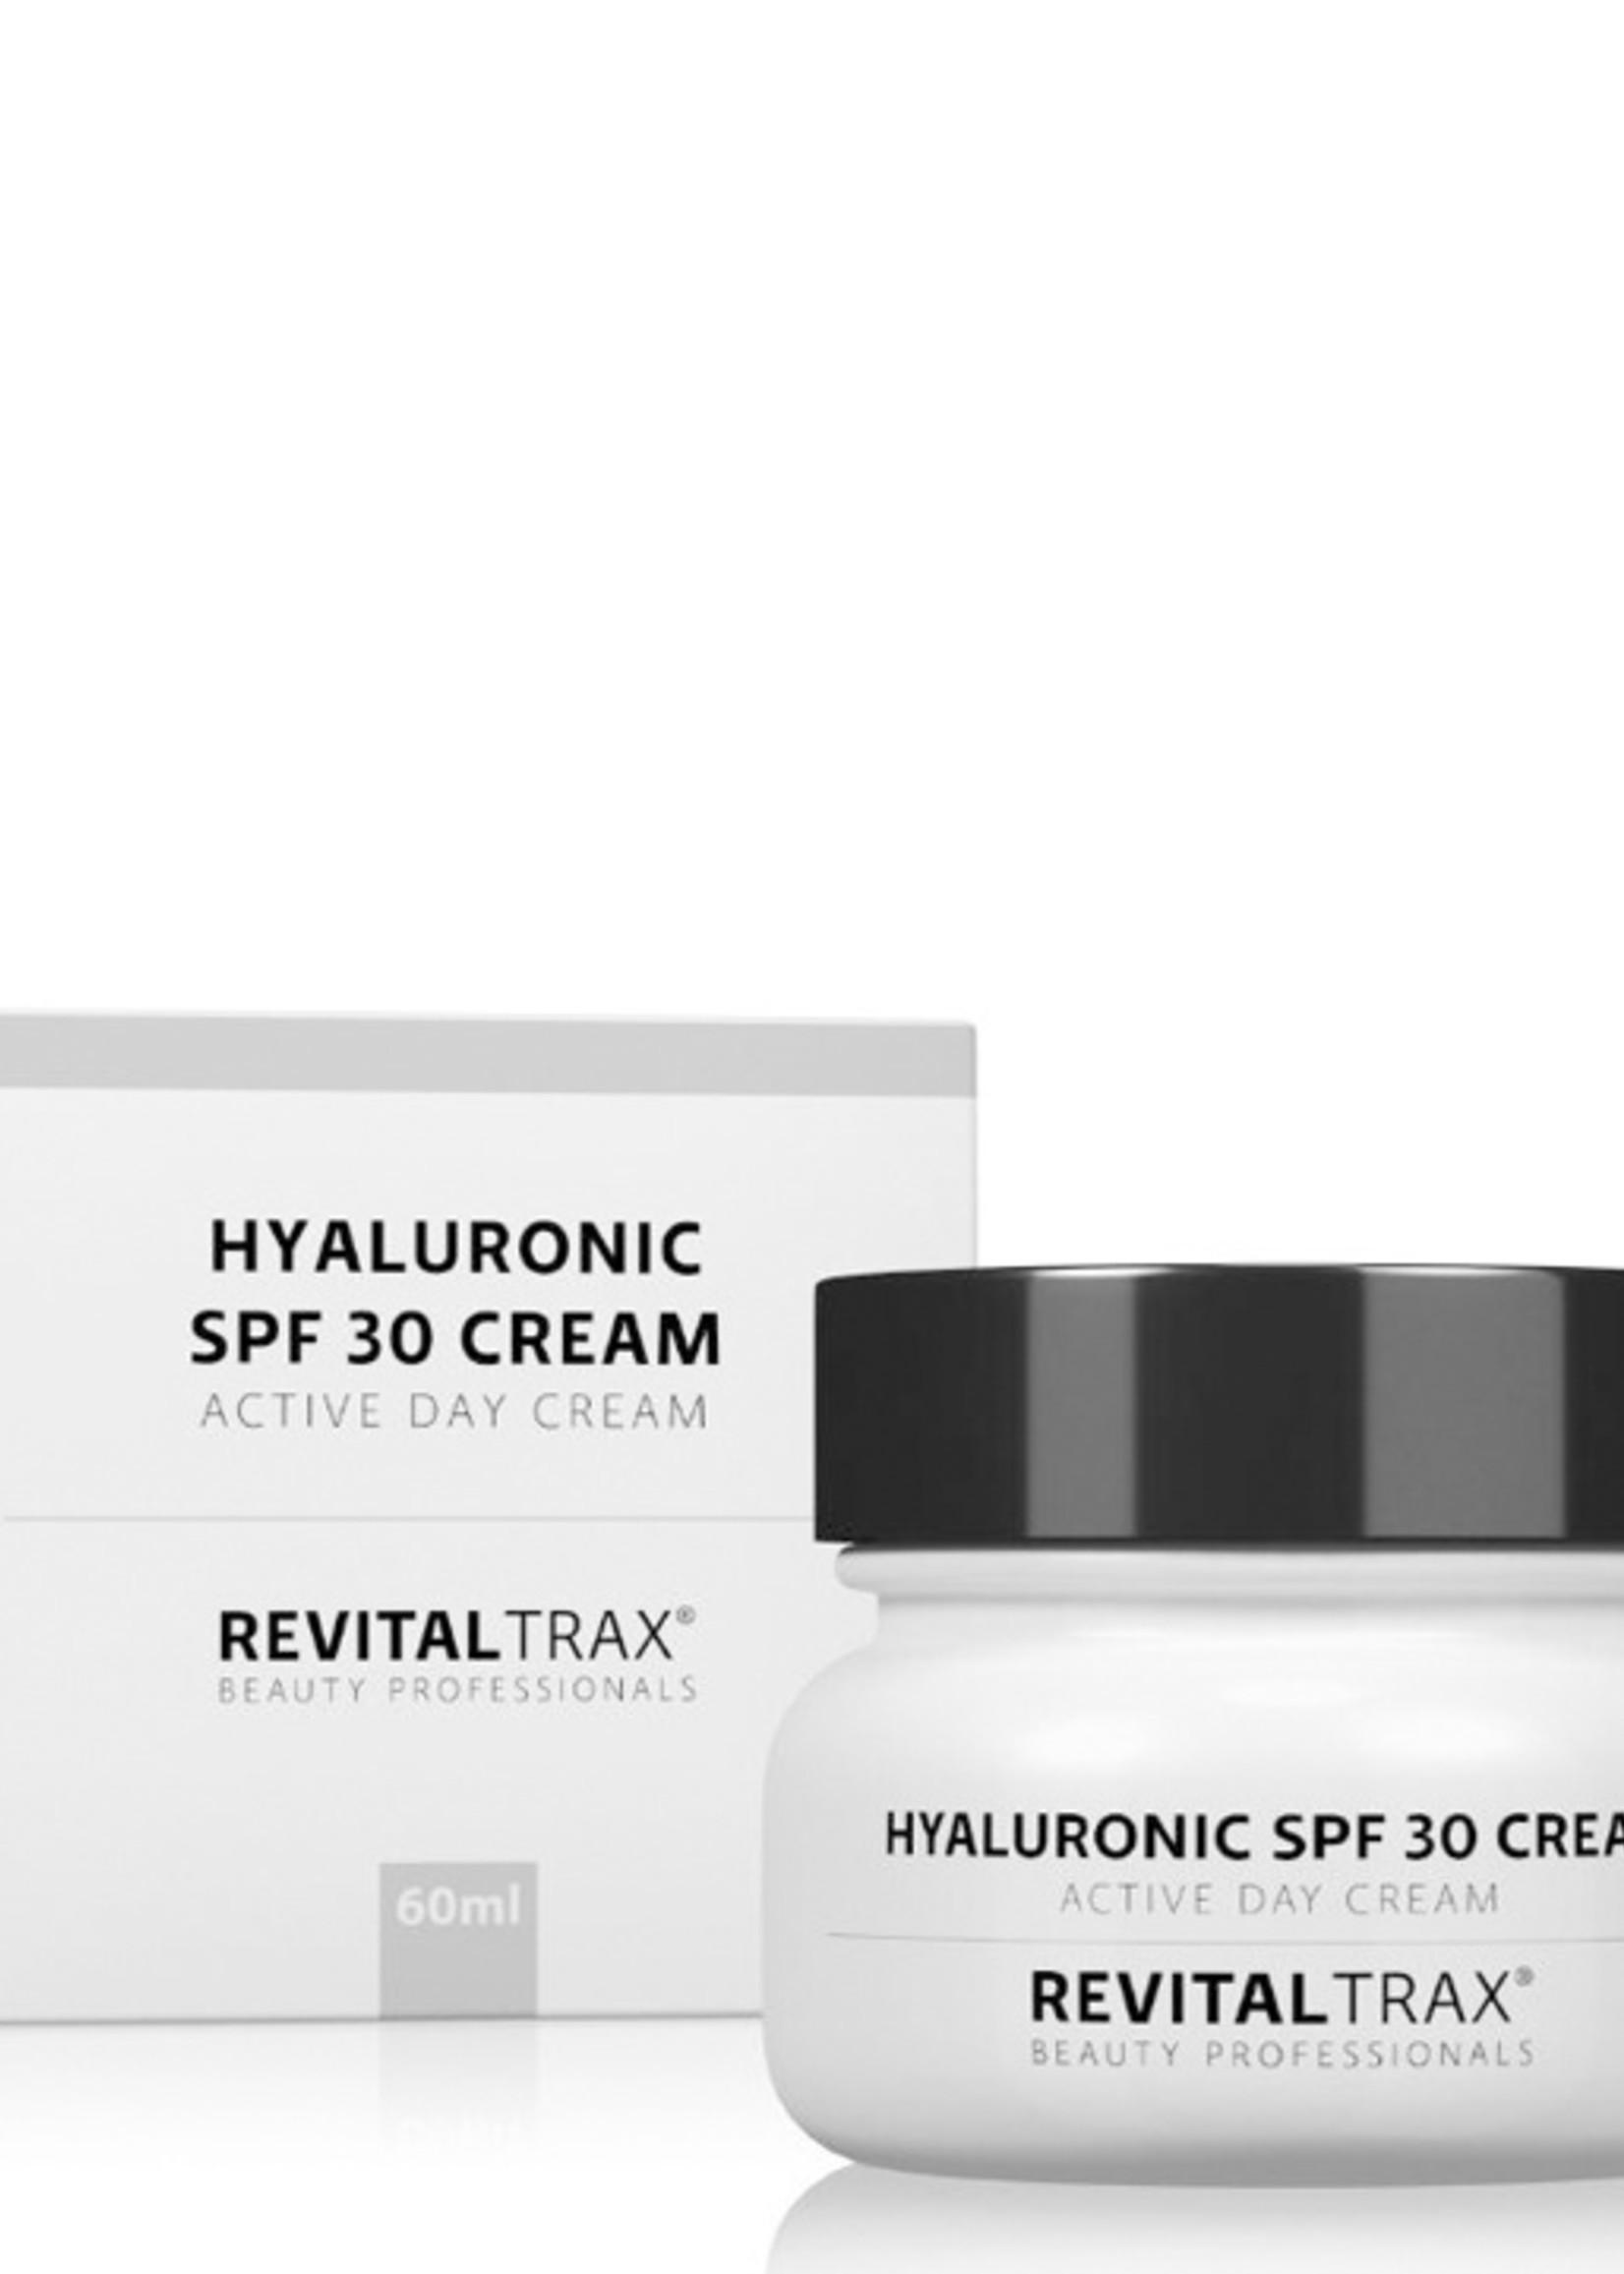 Revitaltrax SPF 30 Active Day Cream